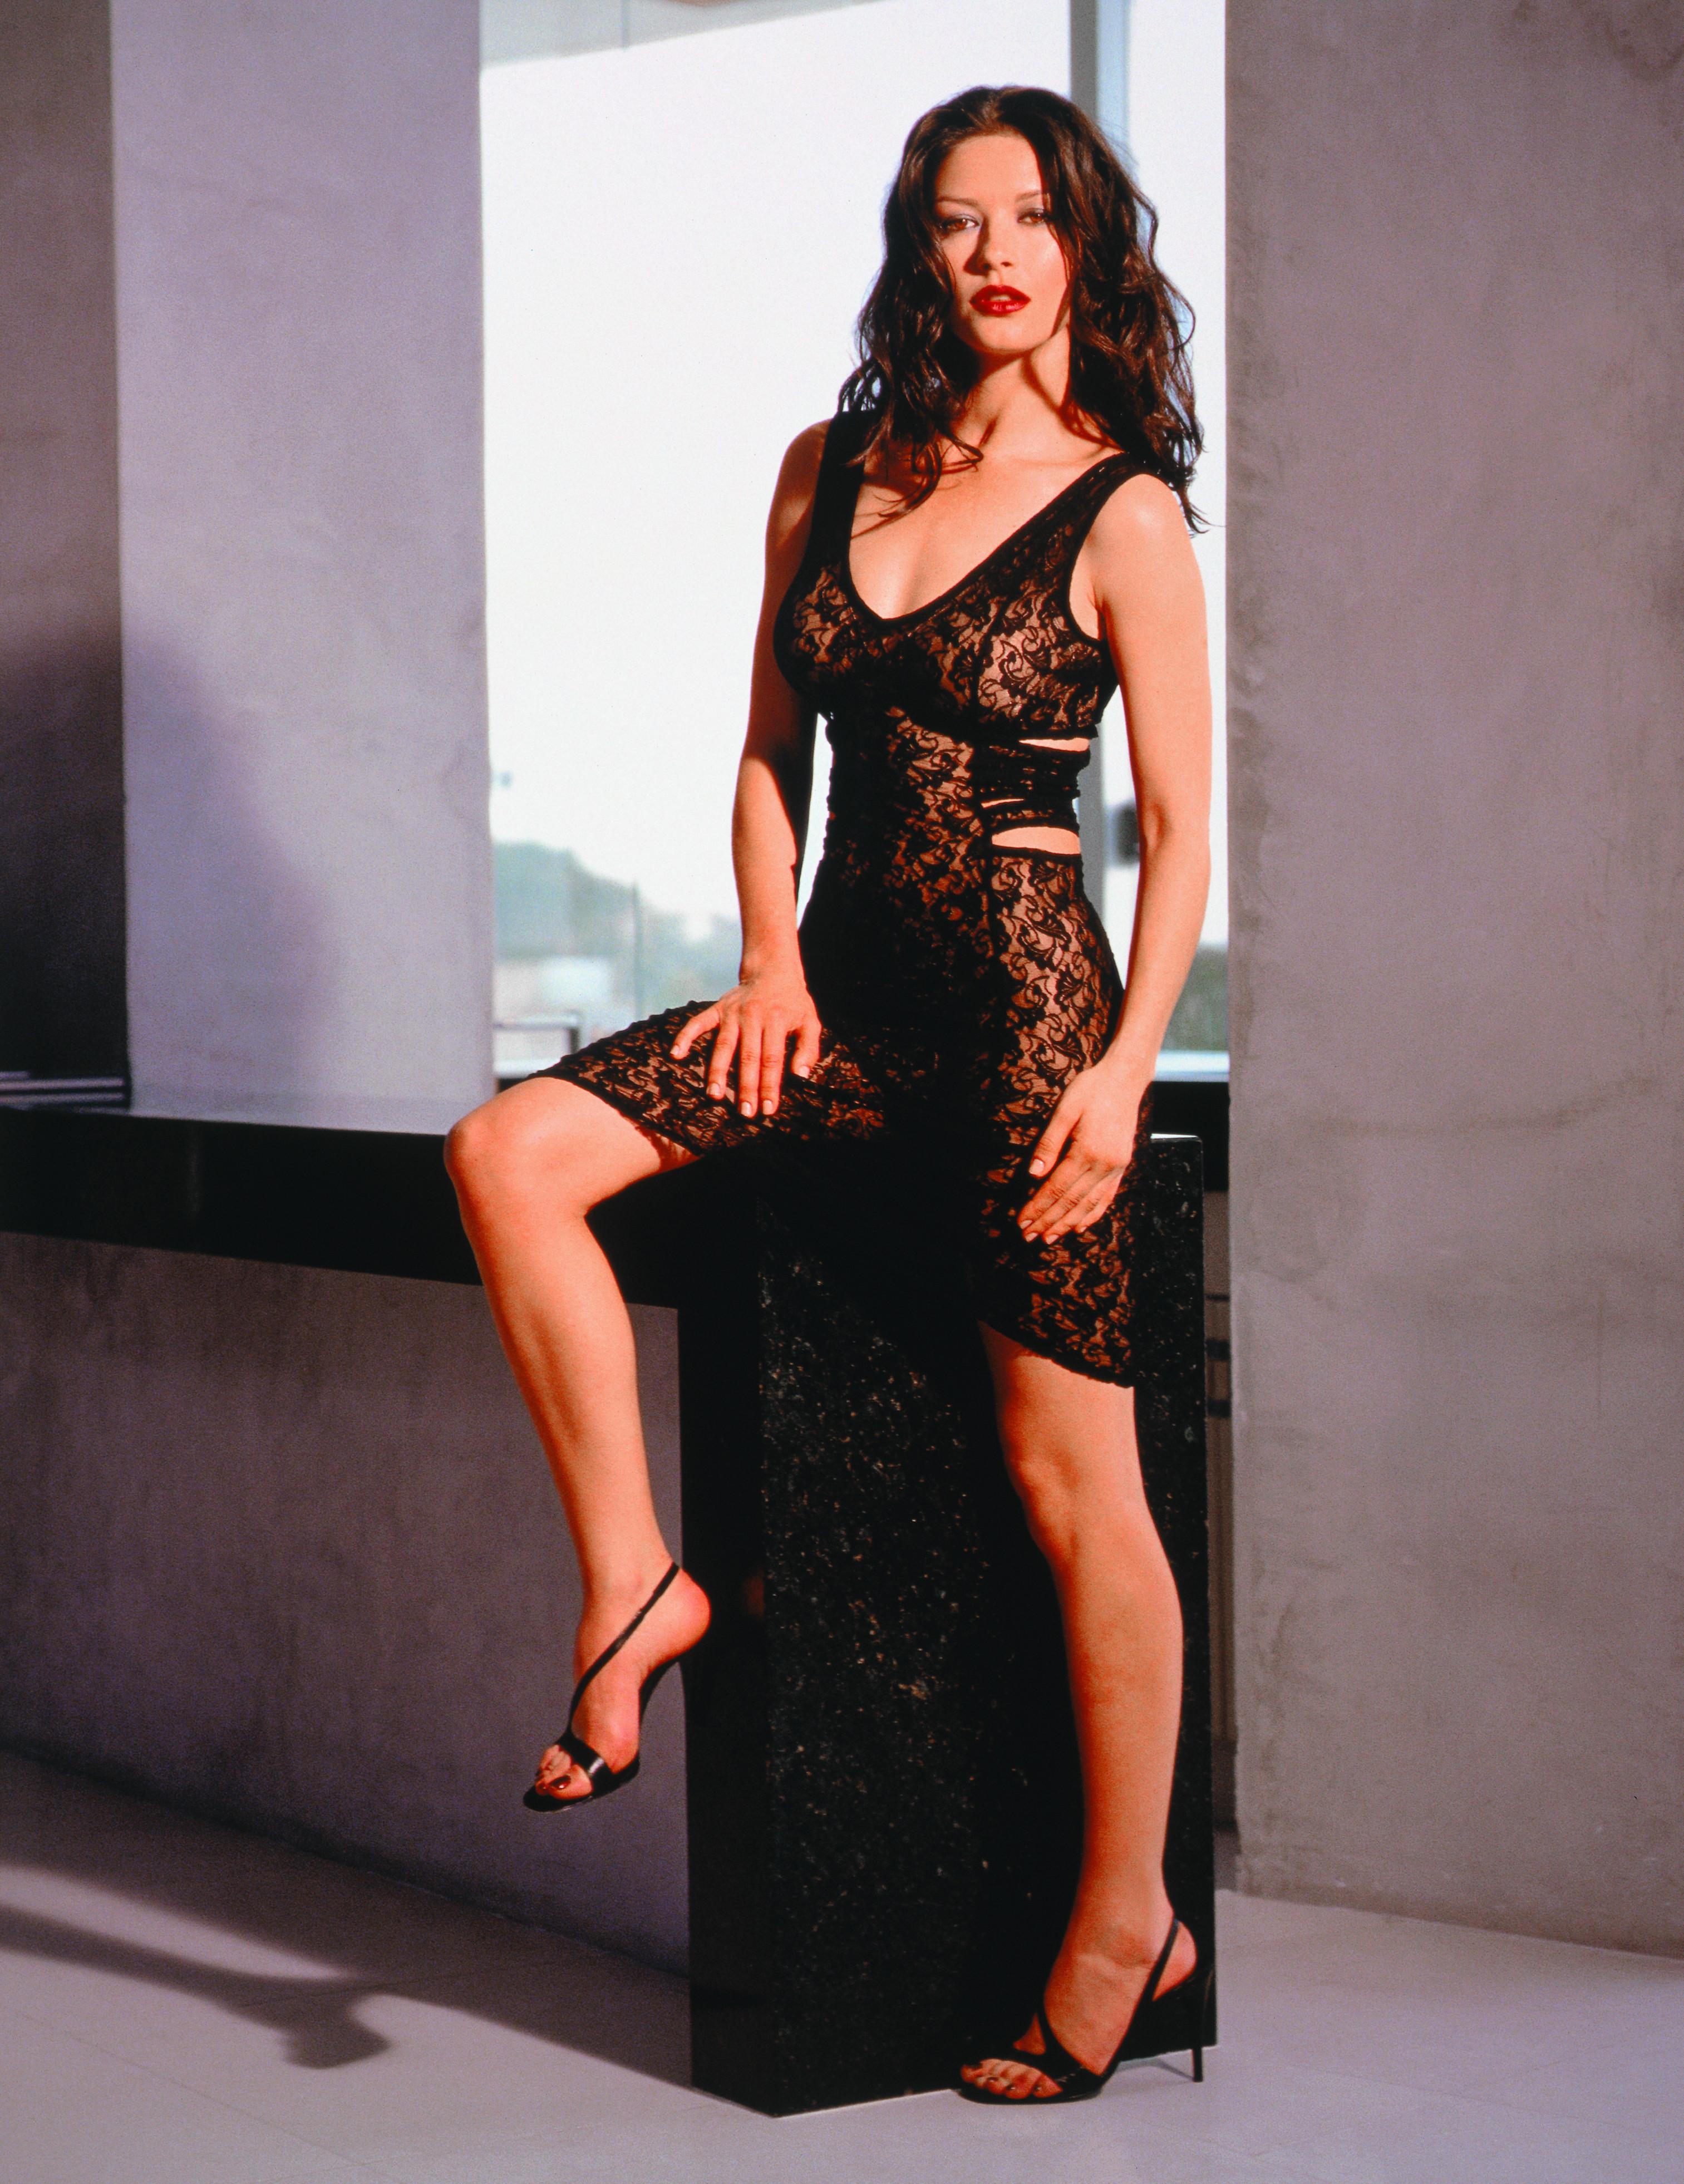 fille en mini short sexy lingerie de pute